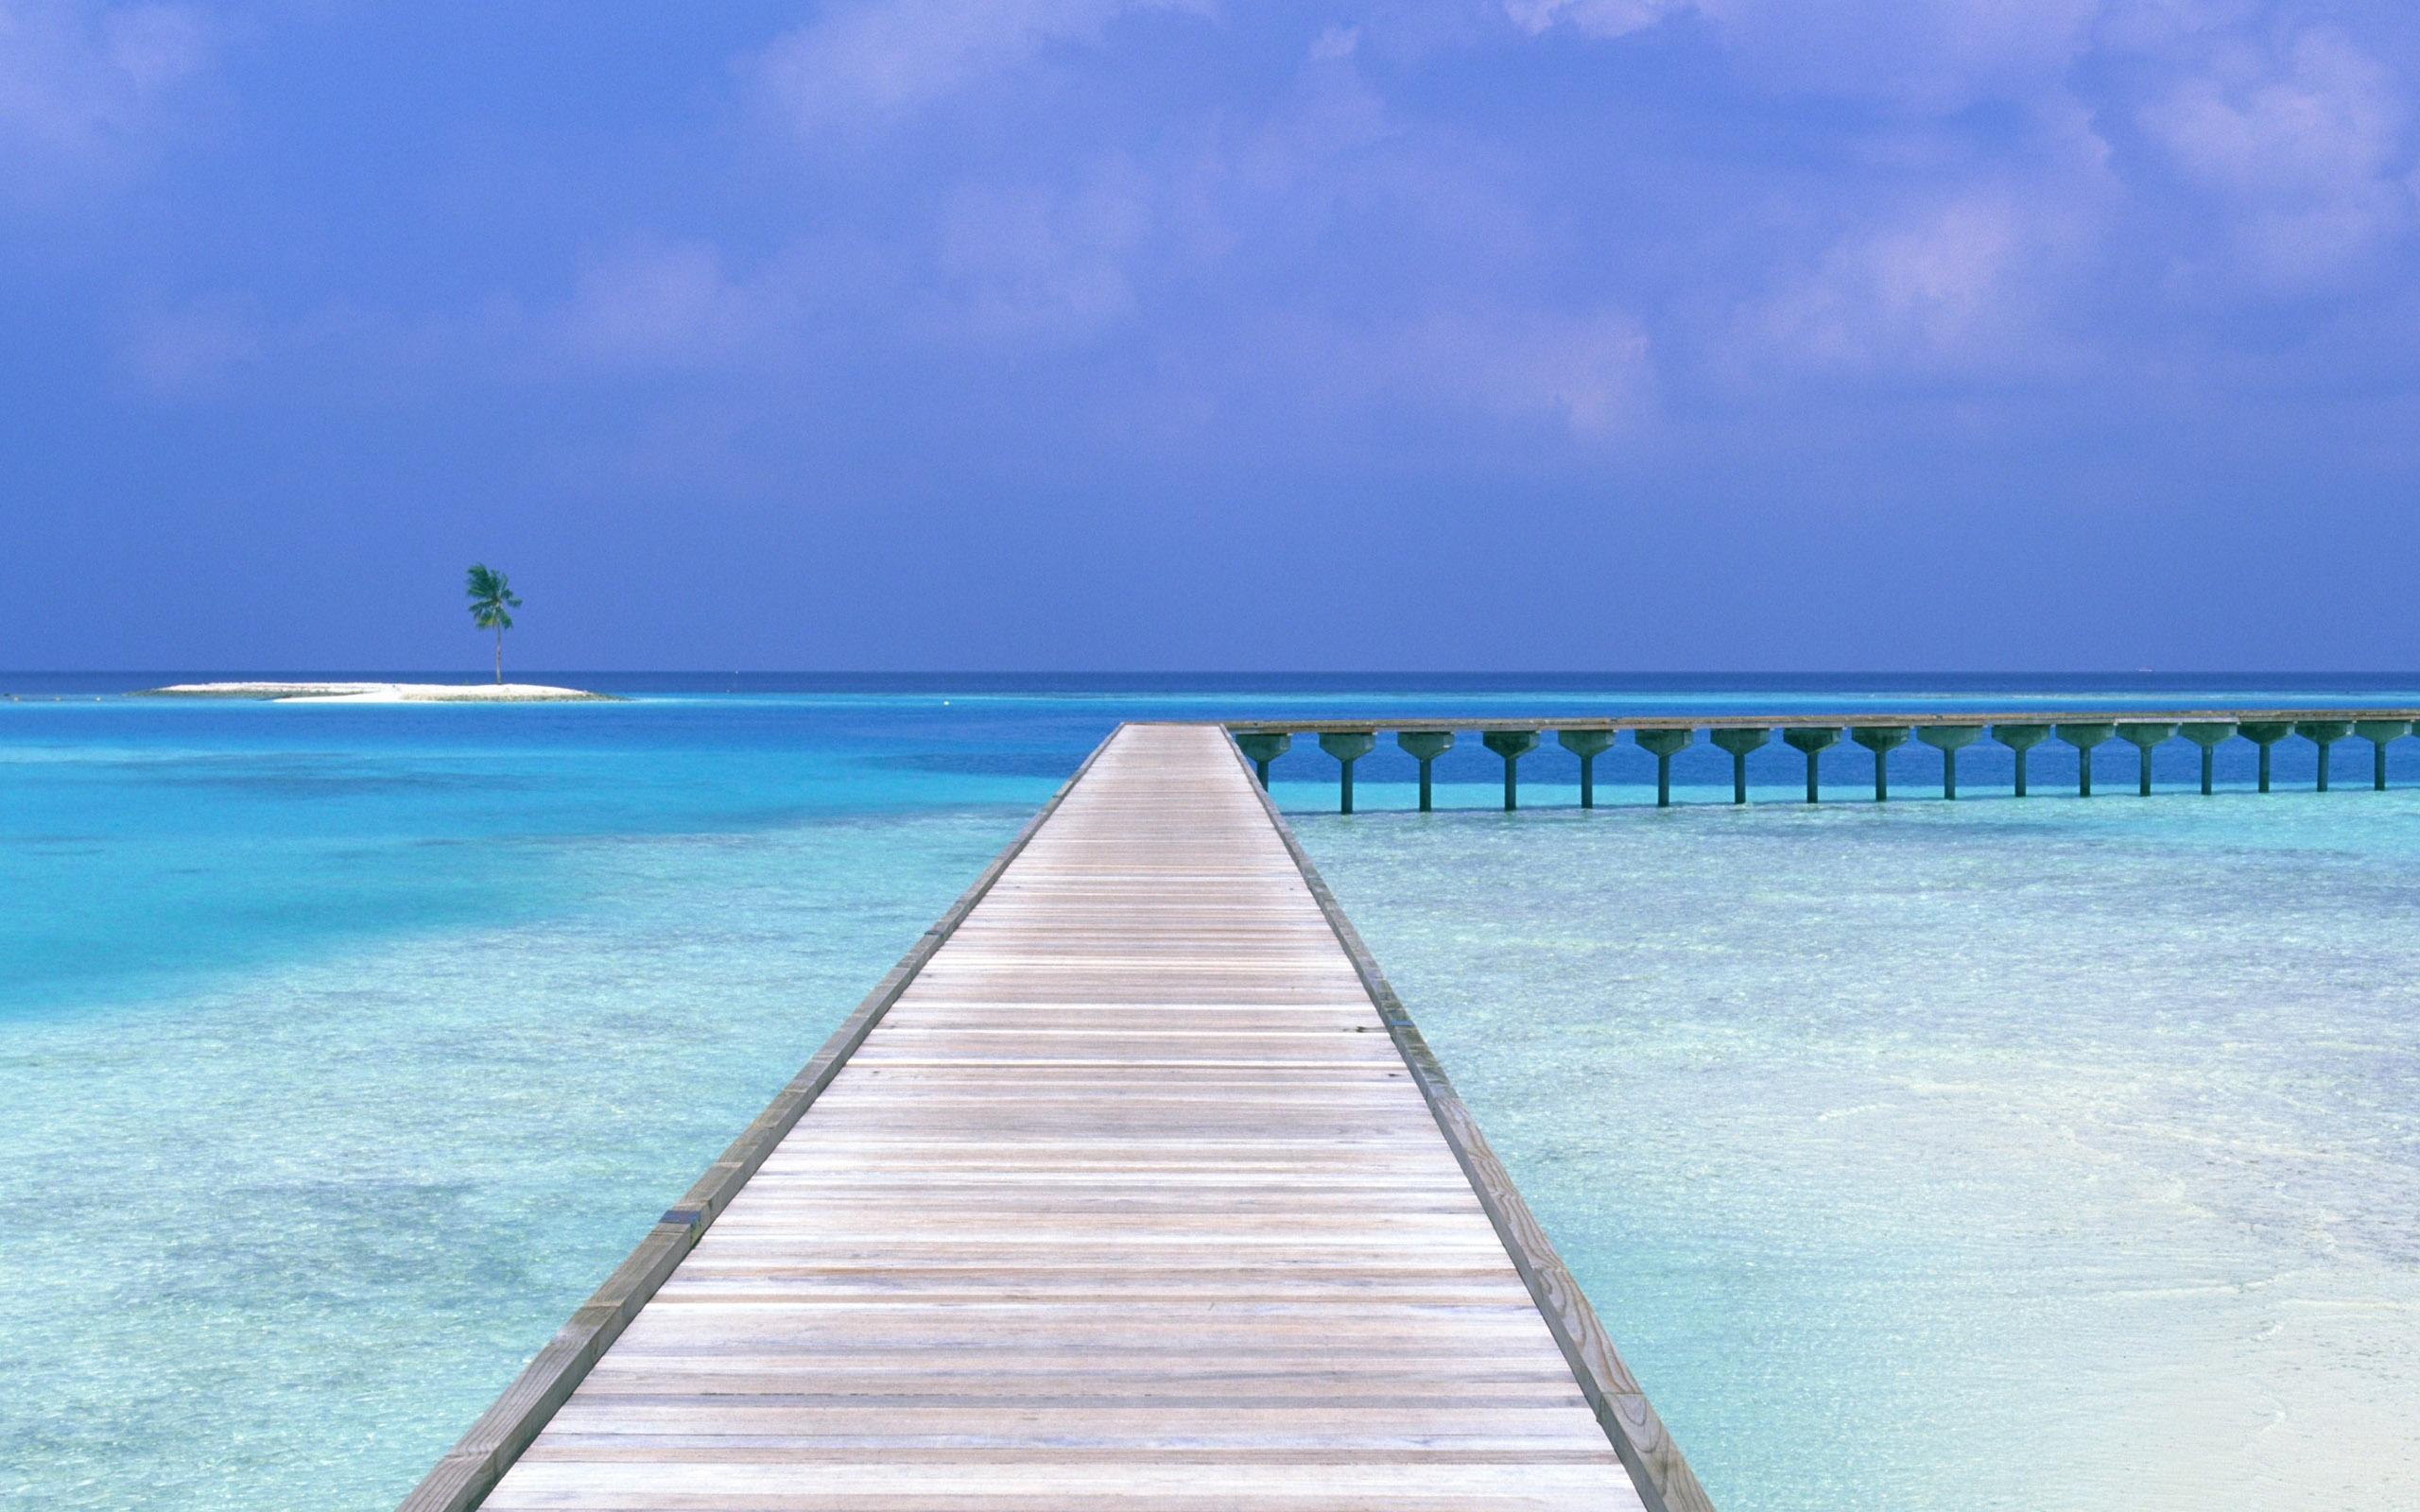 Beach Way Mac Wallpaper Download Allmacwallpaper